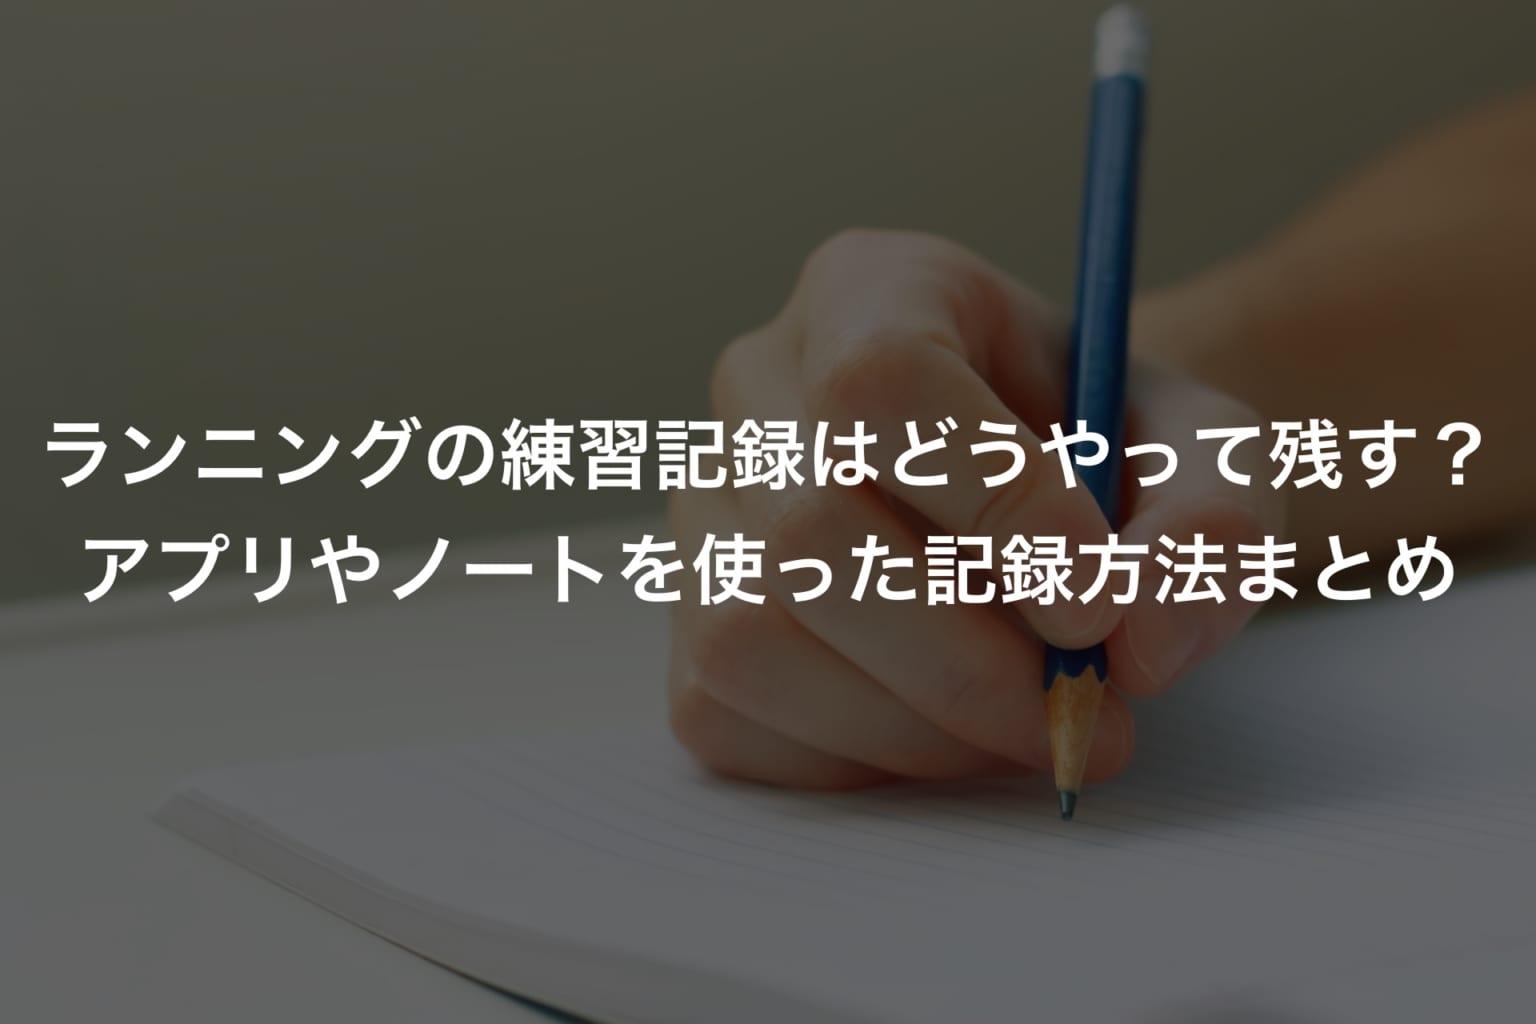 ランニングの練習記録は「ネット」より「手書き」が重要